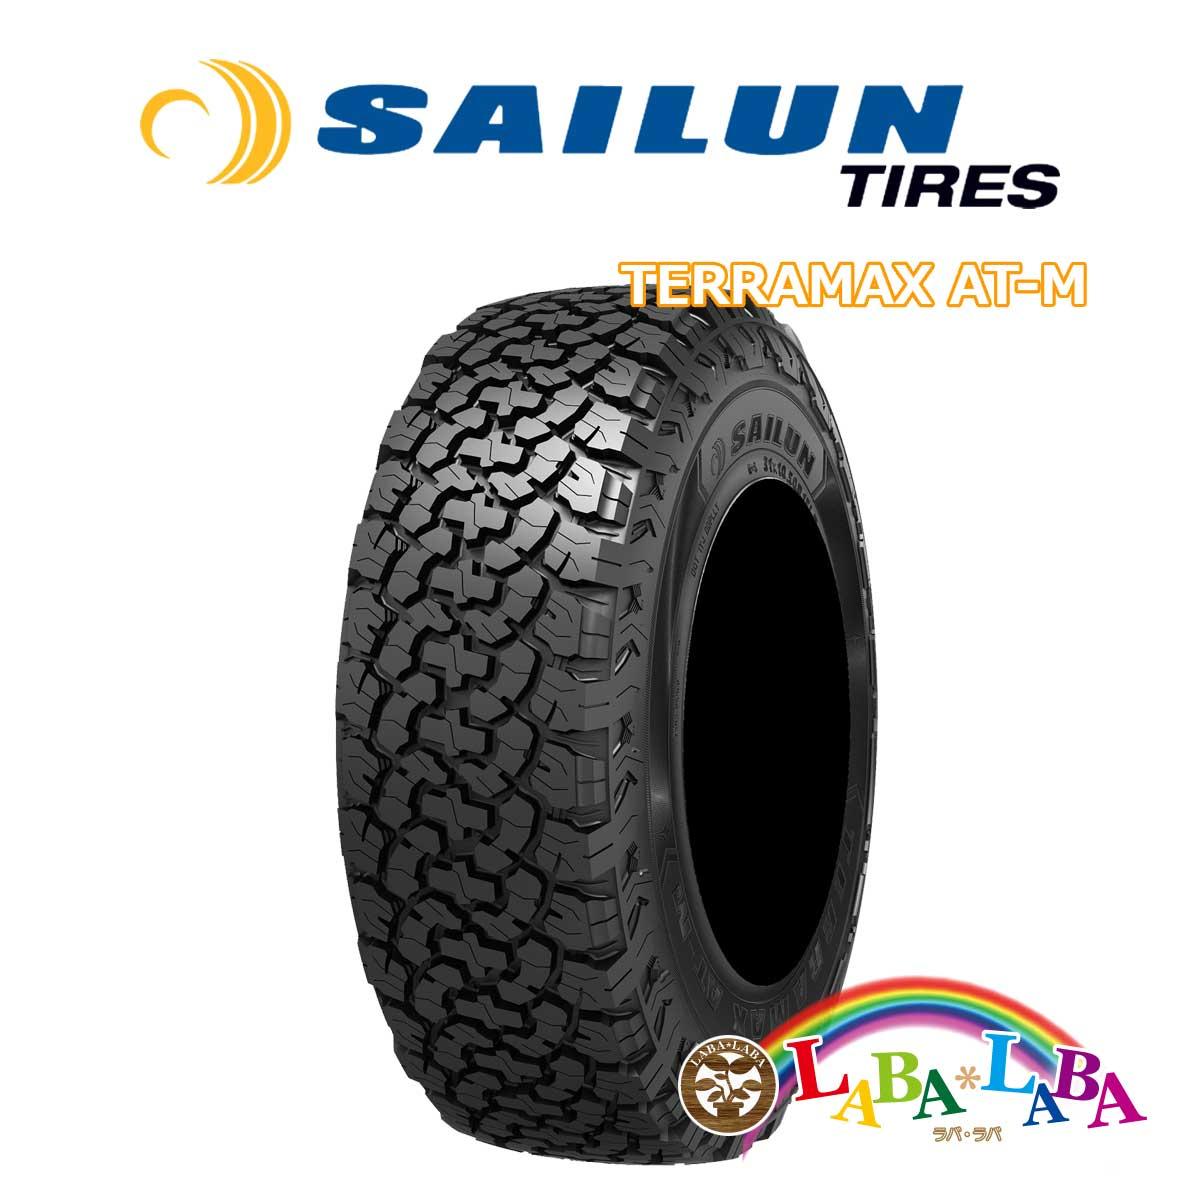 SAILUN サイレン TERRAMAX テラマックス AT-M 275/55R20 117T XL マッドテレーン オールテレーン SUV 4WD 2本セット